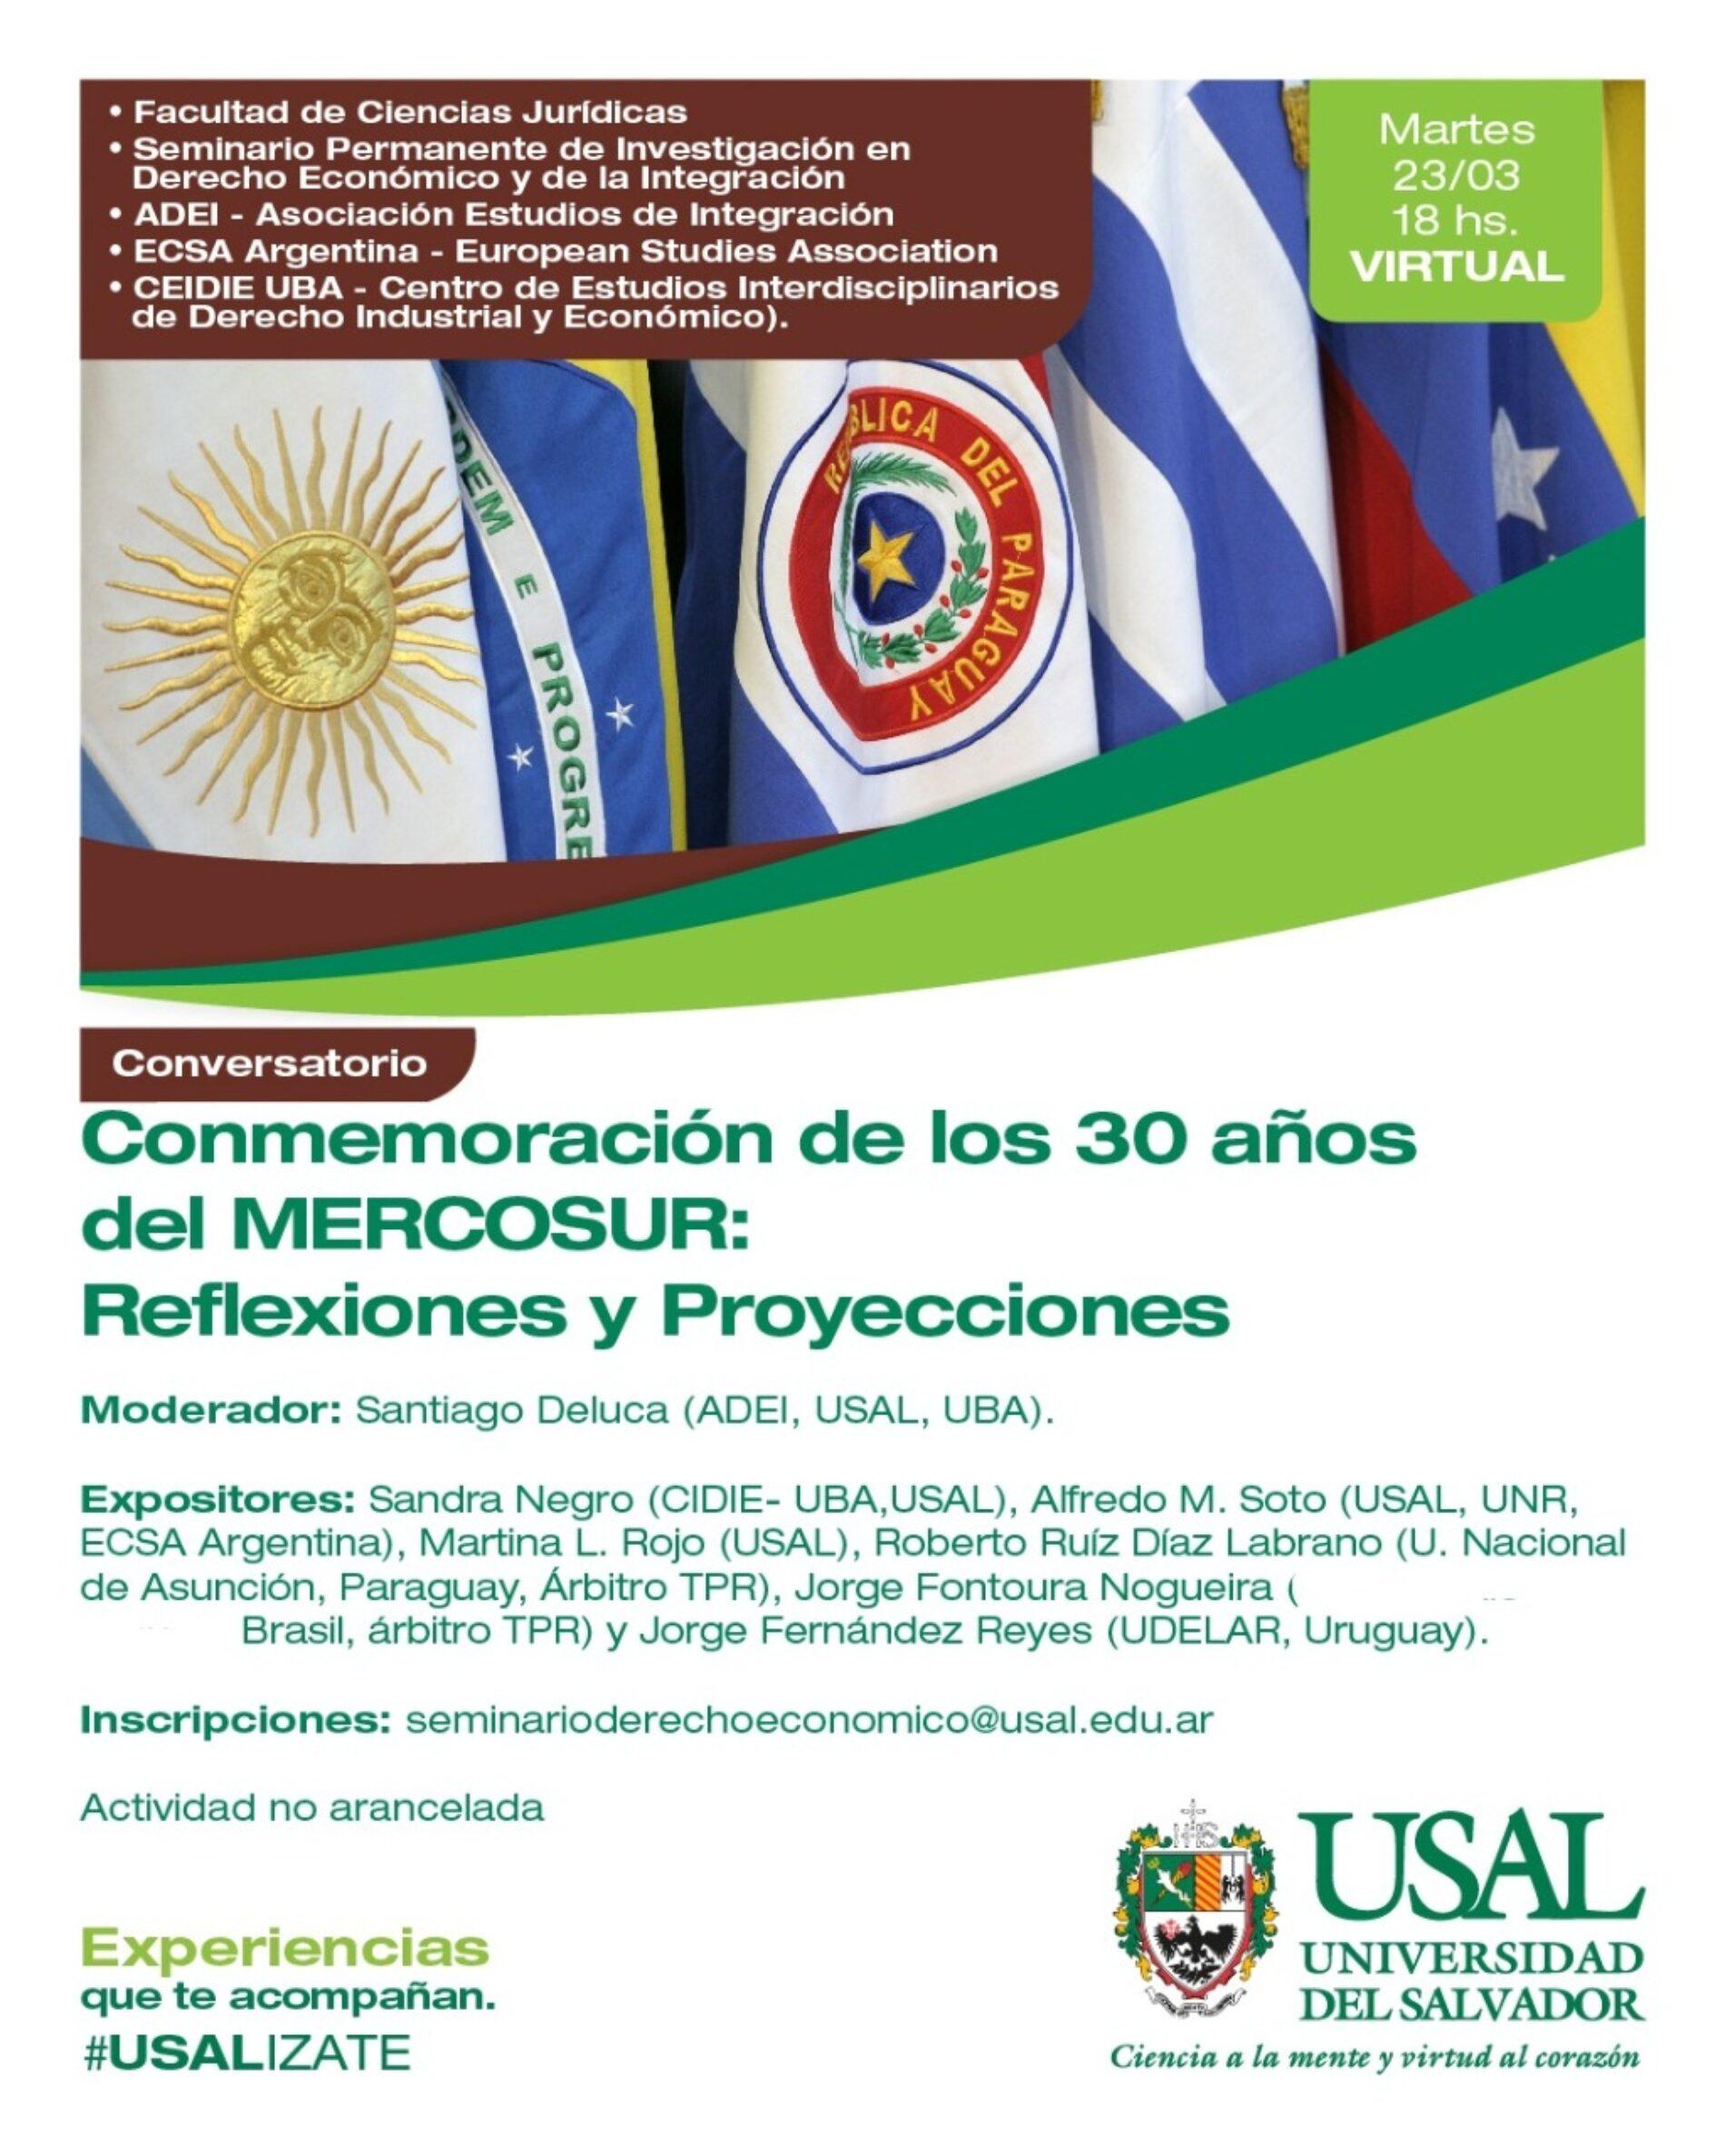 Conmemoración de los 30 Años del Mercosur: Reflexiones y Proyecciones.